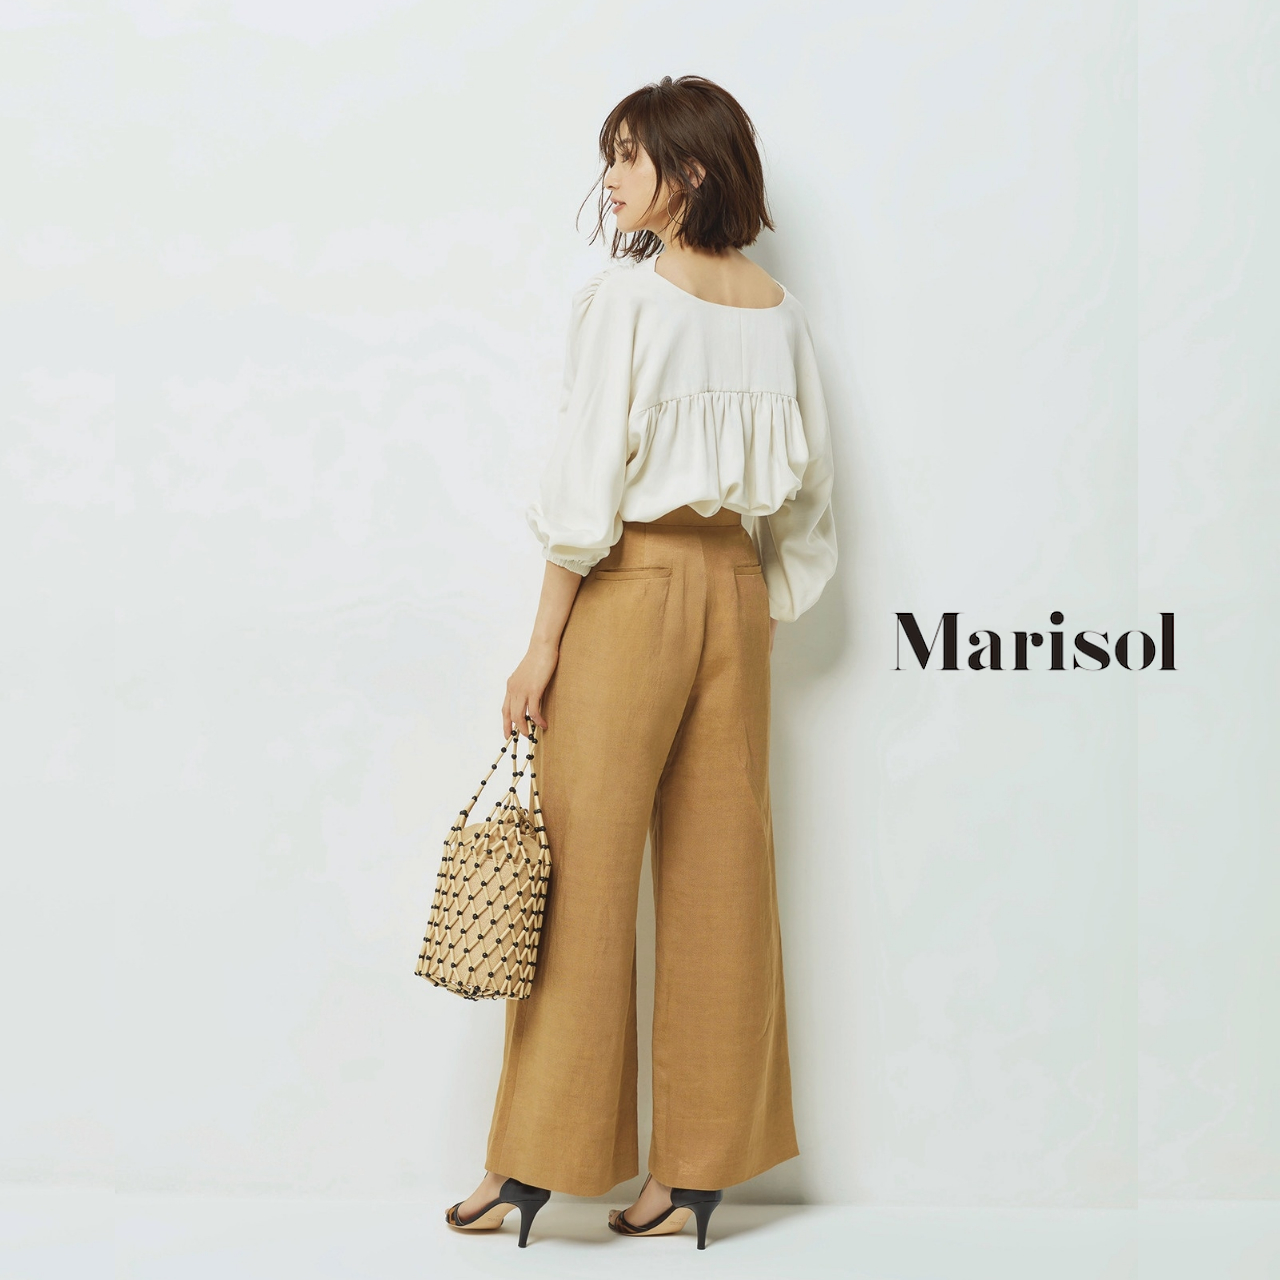 40代ファッション ボリュームブラウス×パンツコーデ